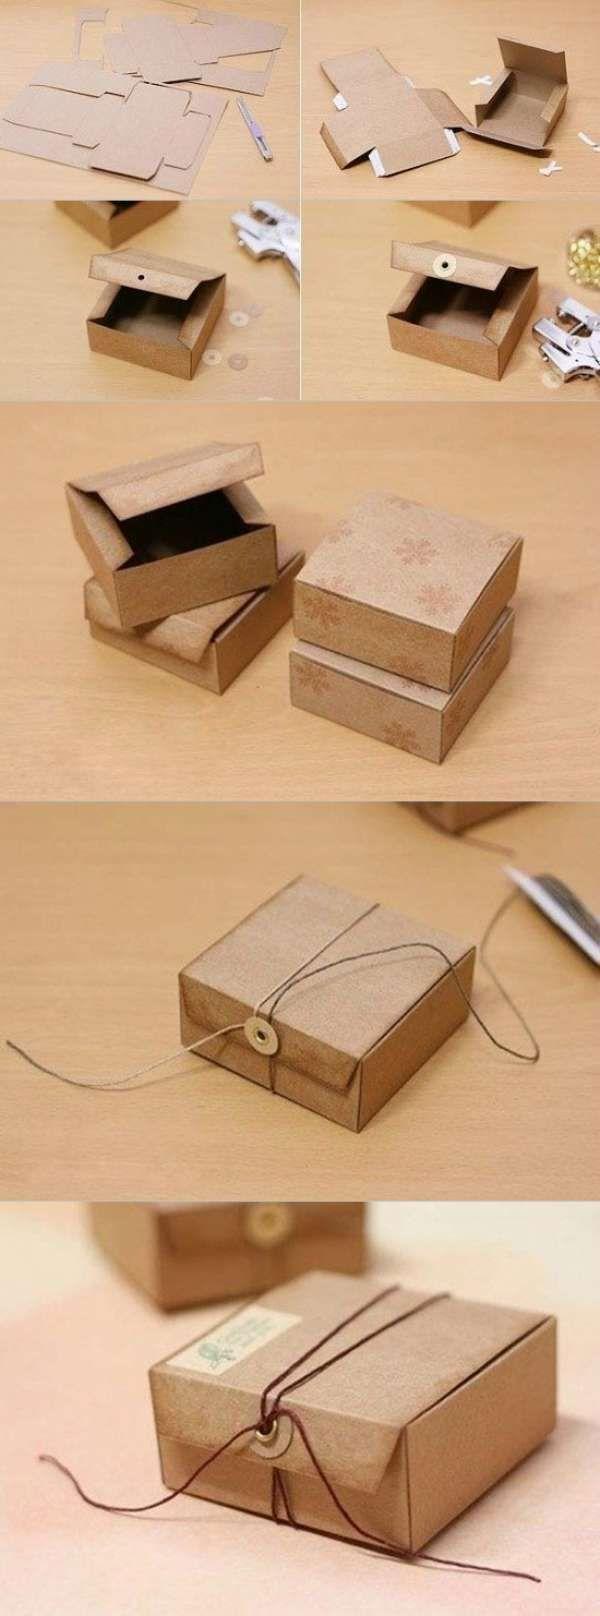 Boite cadeau DIY. 16 créations originales à partir de boites en carton